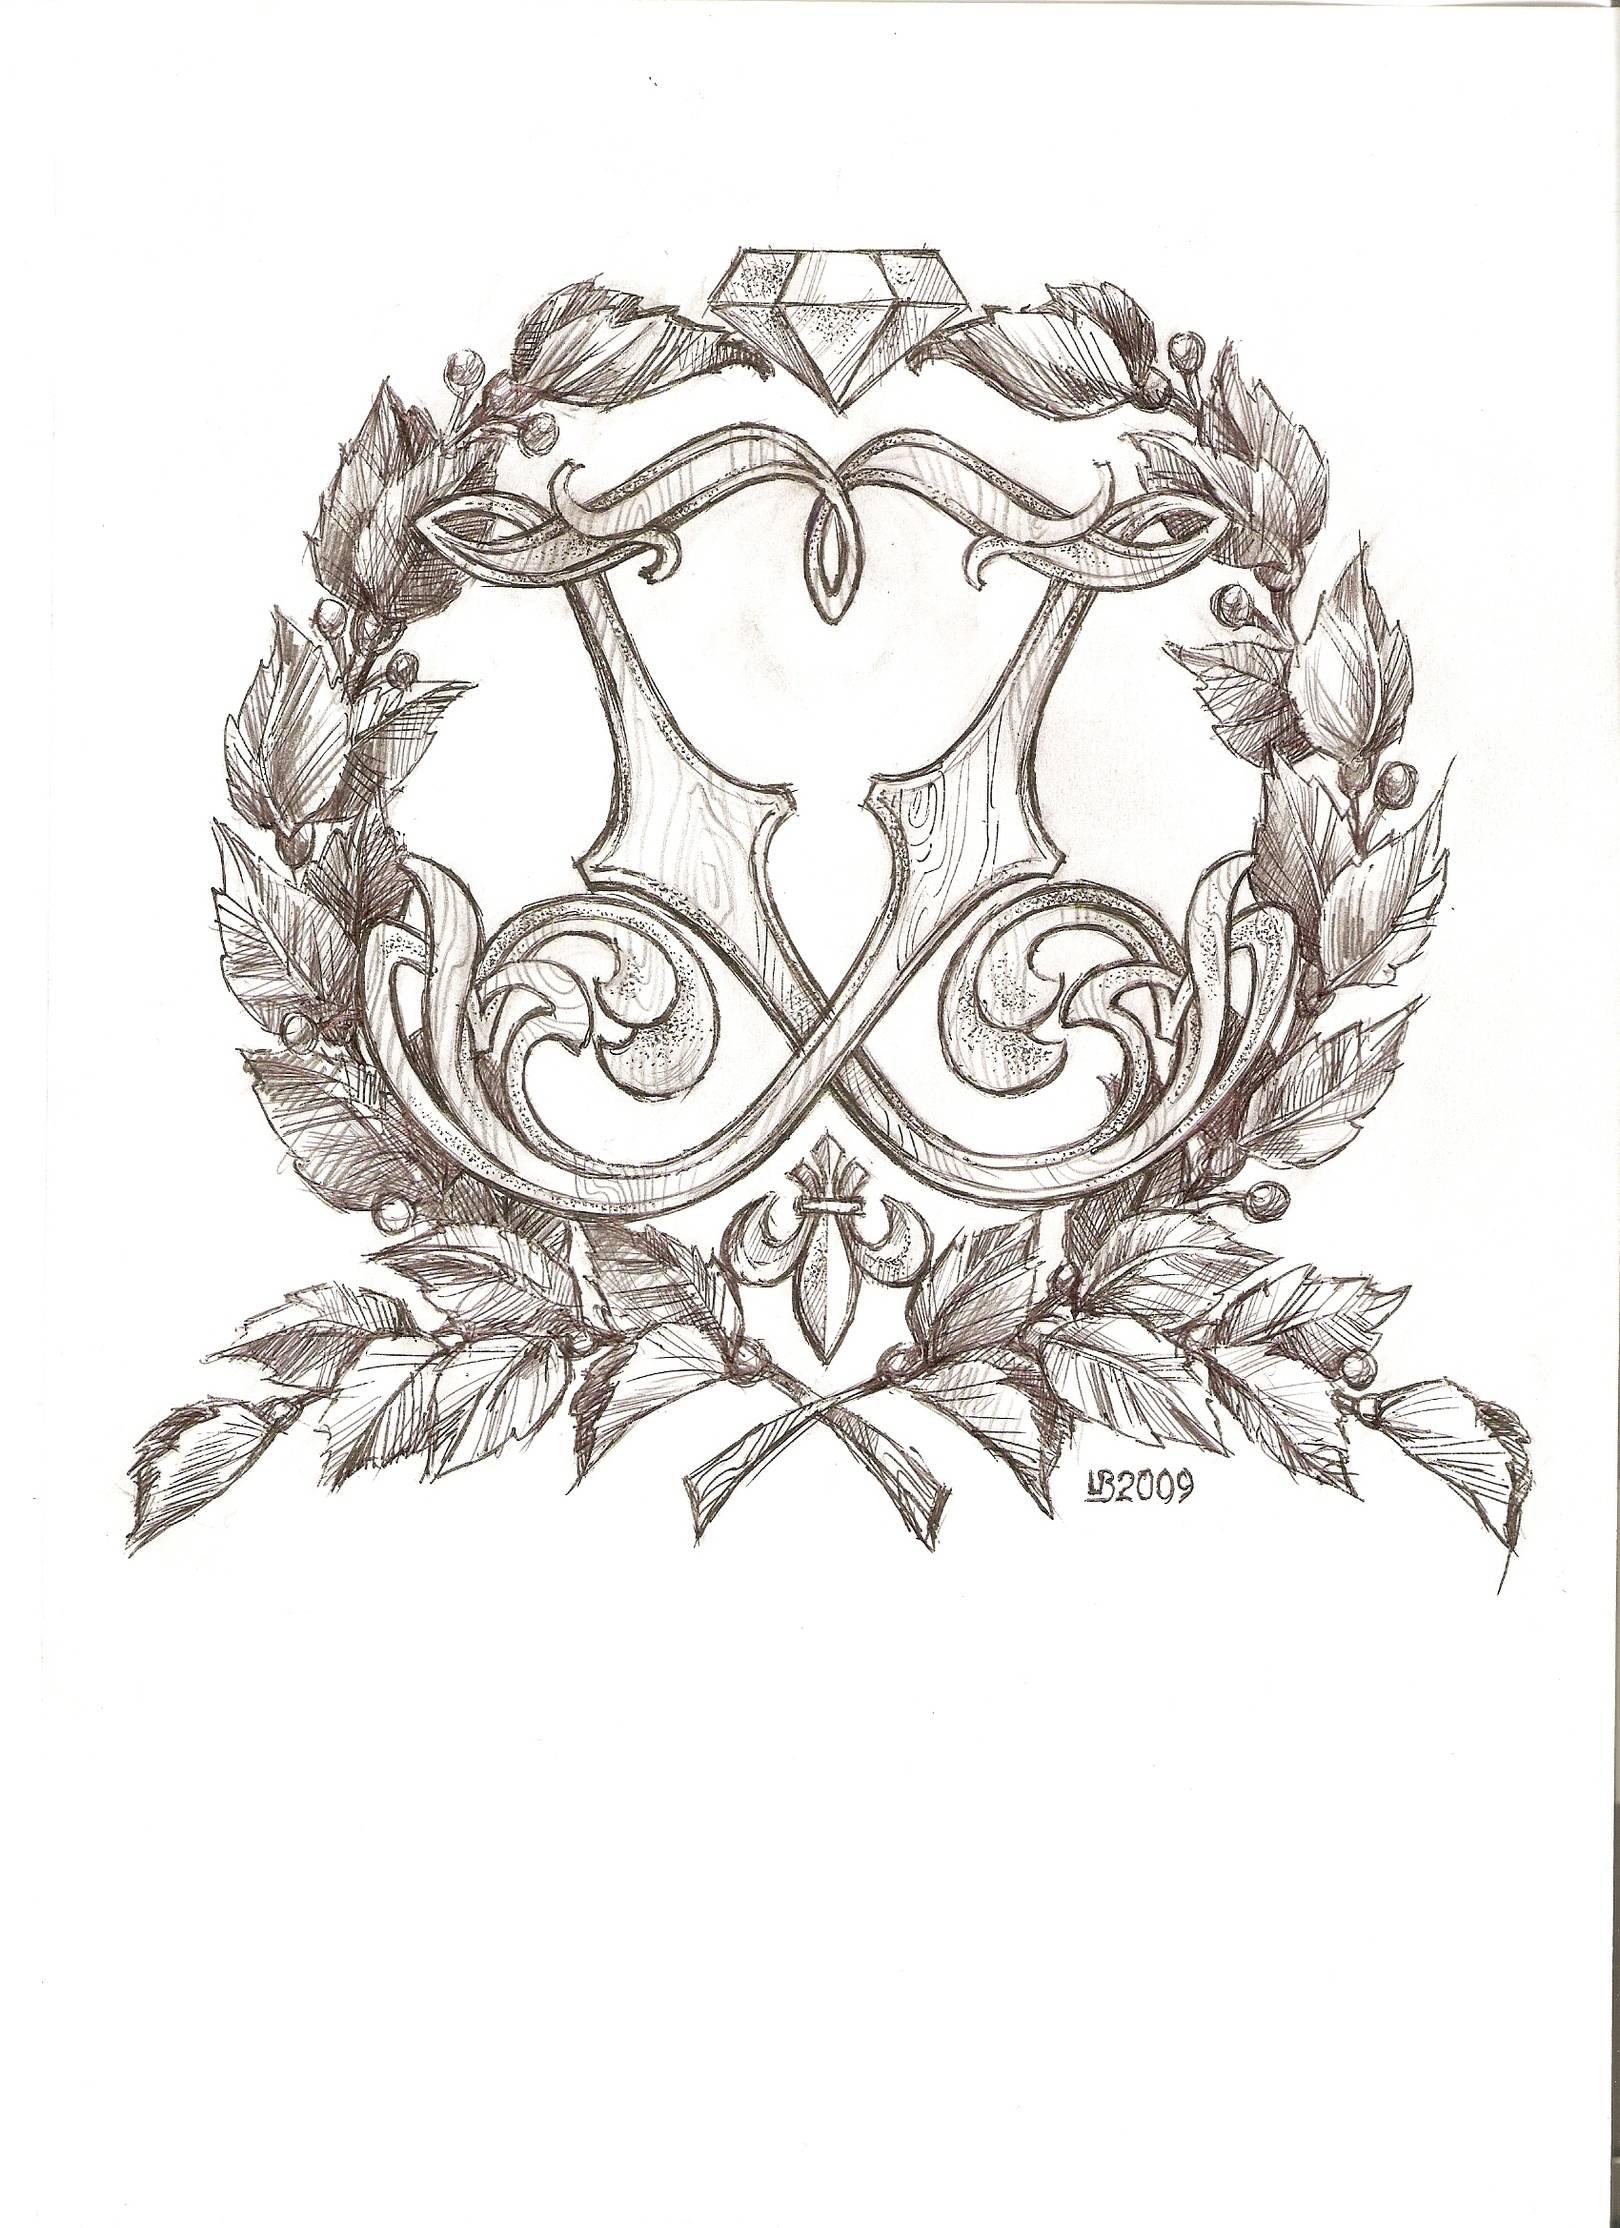 Личный Герб профессионального ювелира, эскизы к нему.